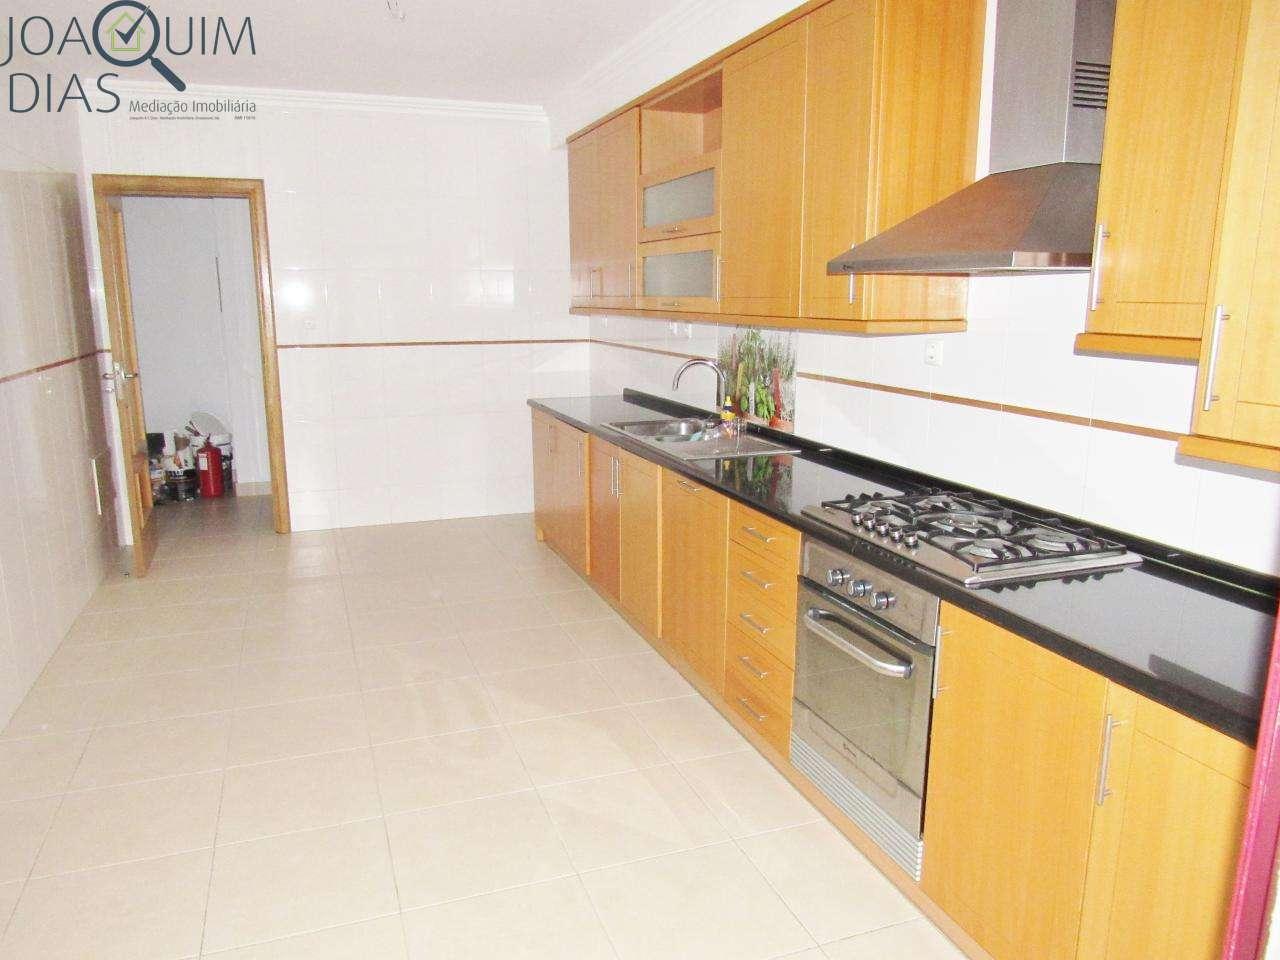 Apartamento para comprar, Venda do Pinheiro e Santo Estêvão das Galés, Mafra, Lisboa - Foto 6